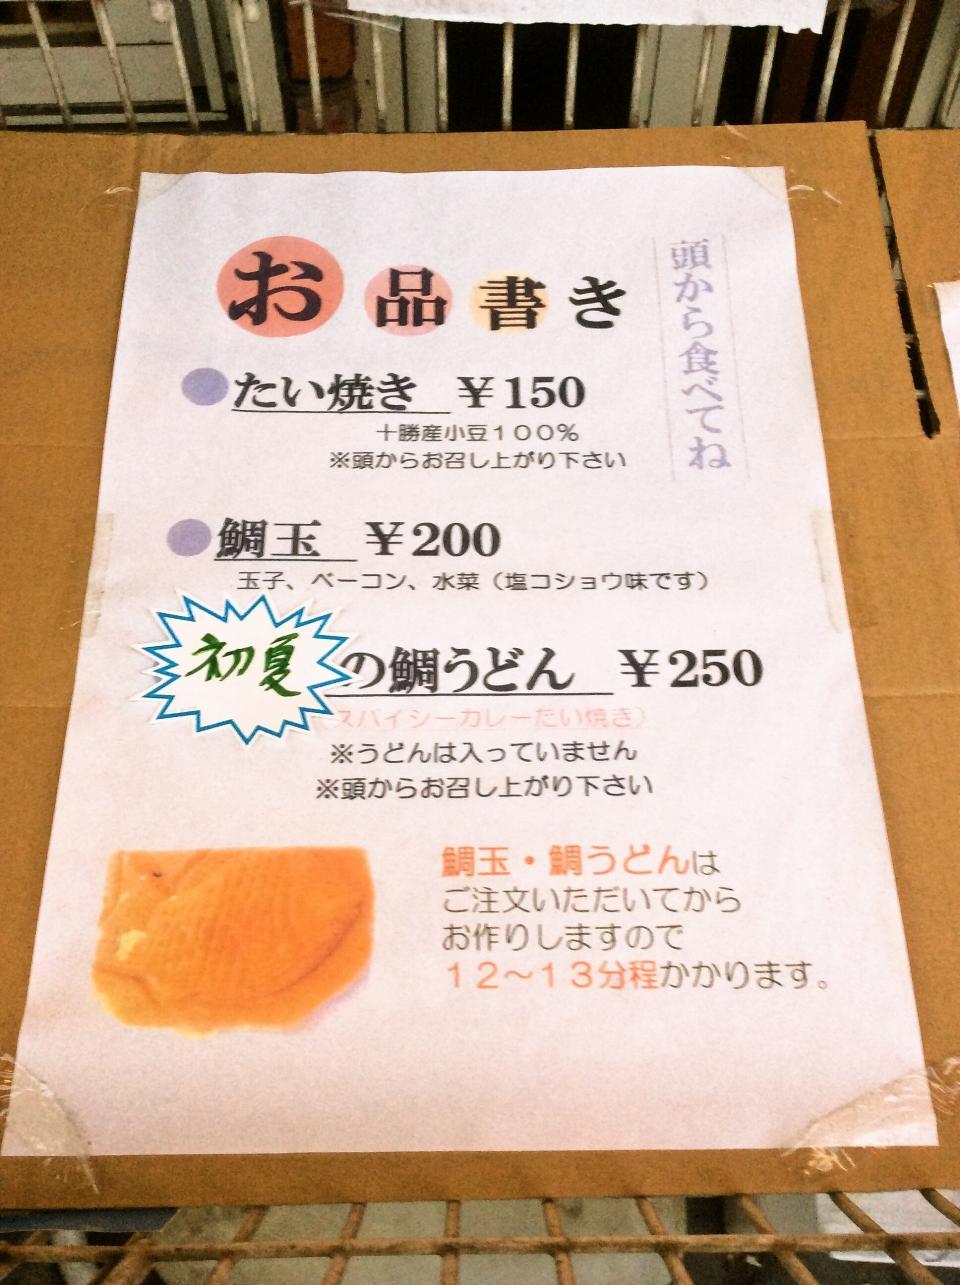 ダ・カーポ(店舗)